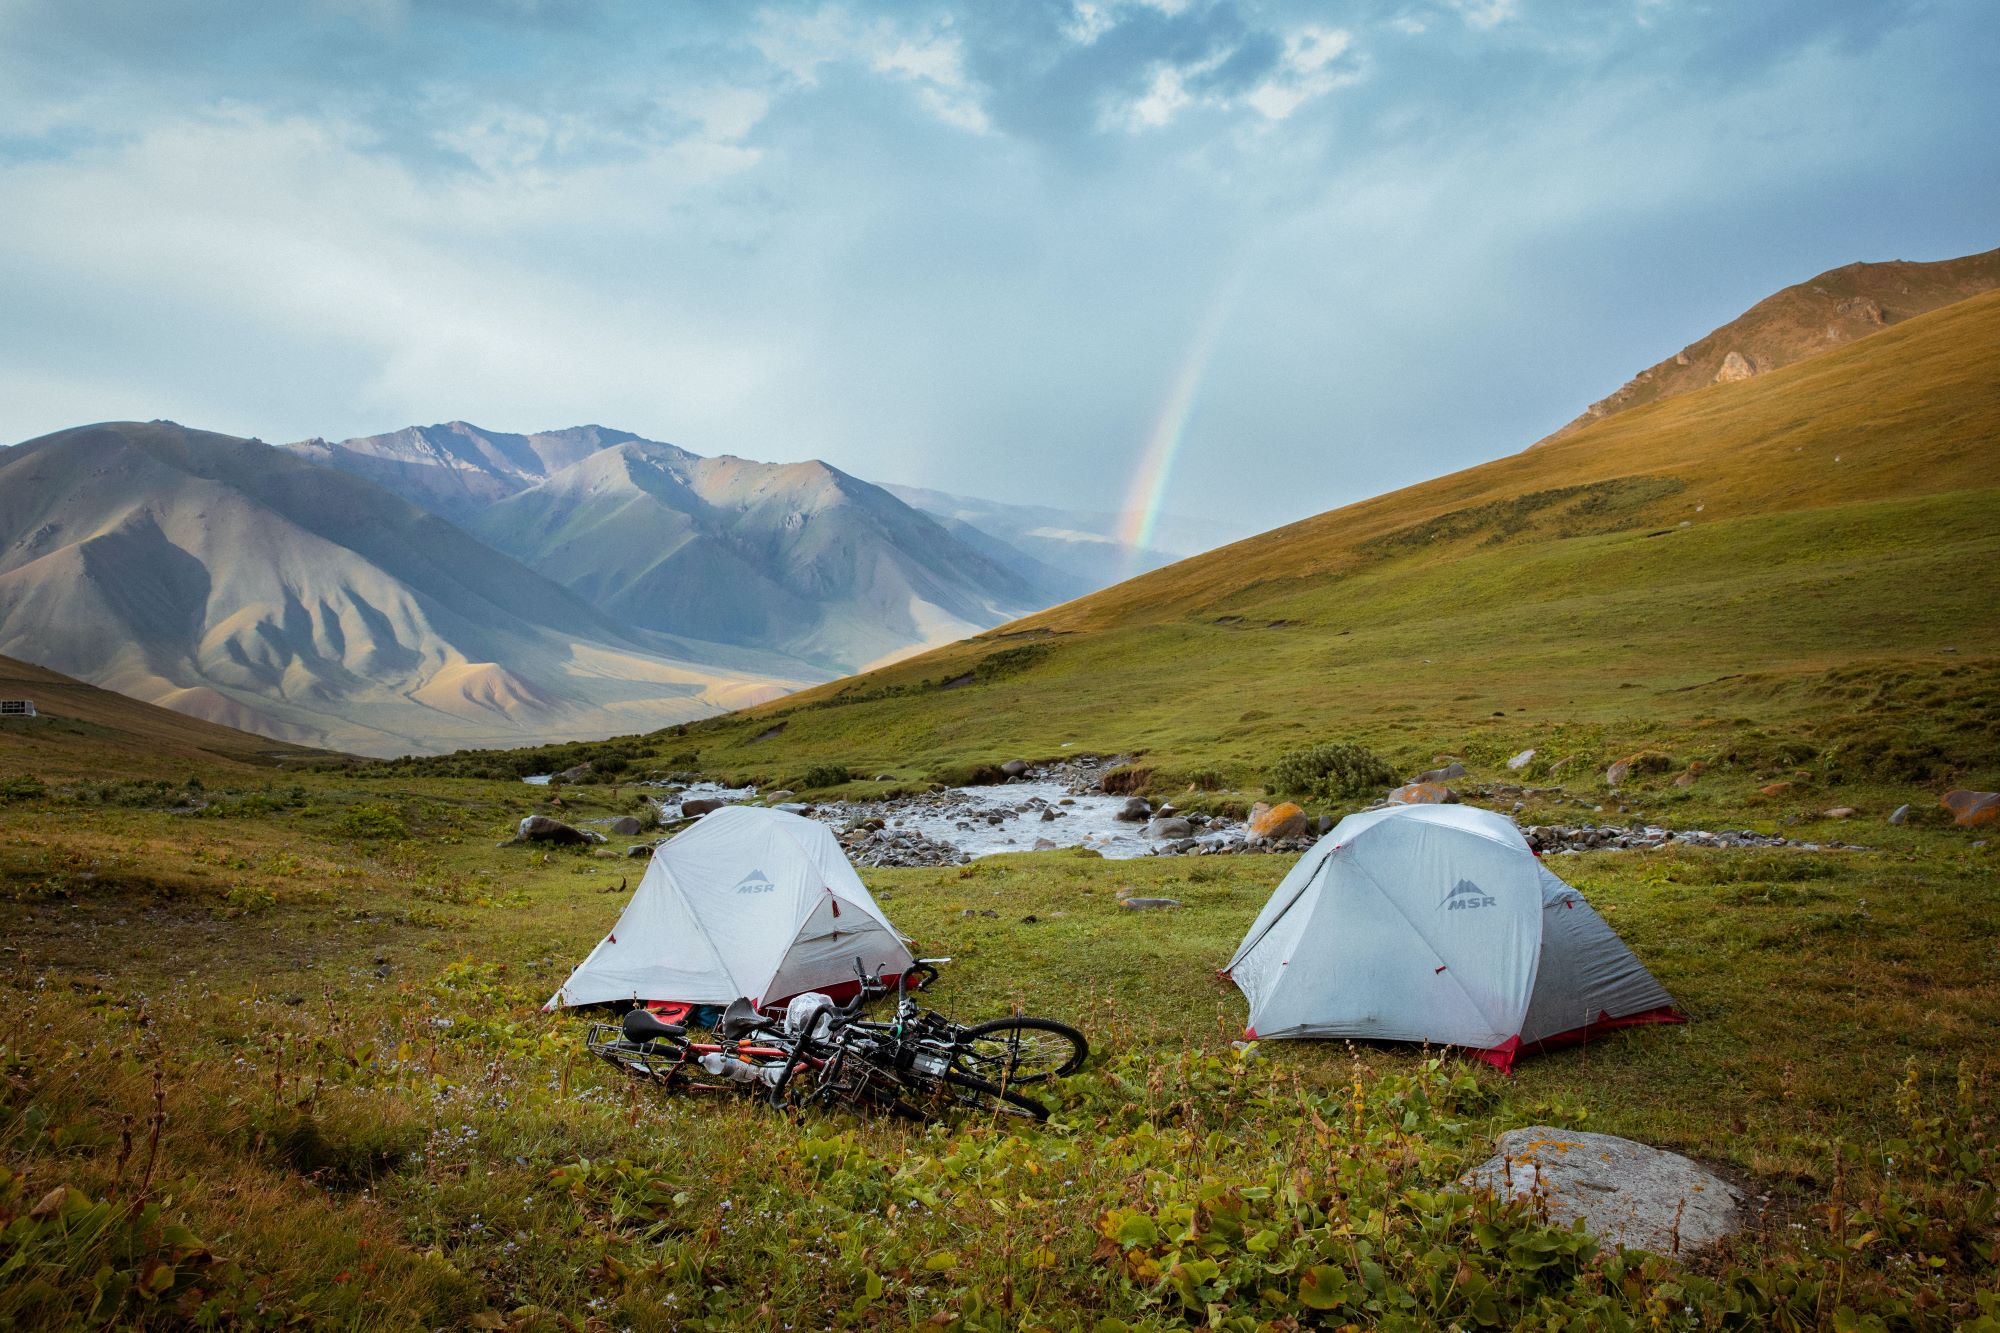 bike tour mountain camping